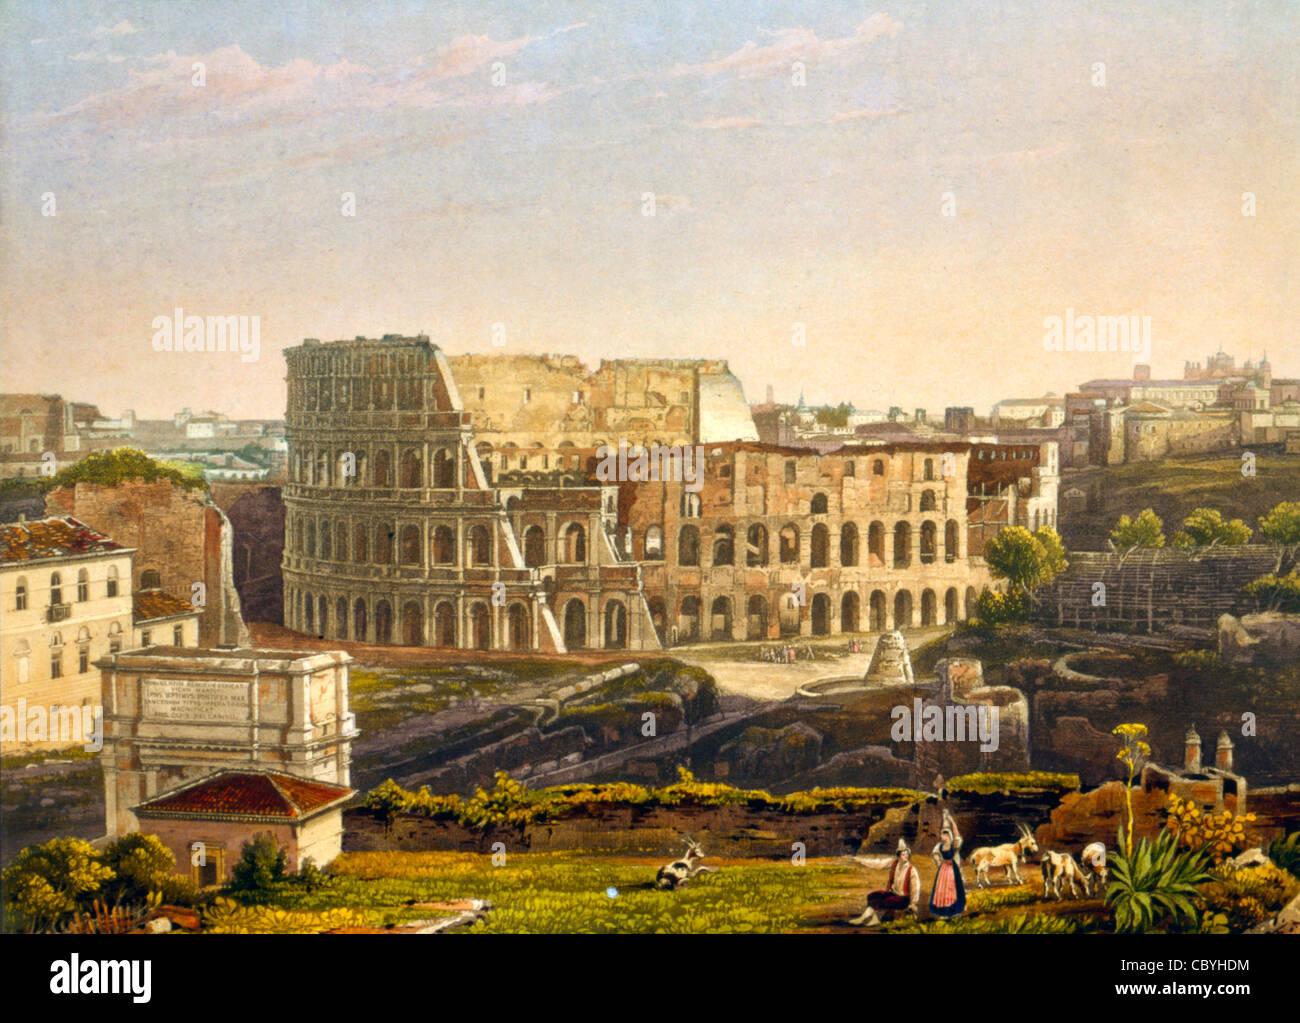 Vista del Colosseo, Roma, Italia. Le Colisee a Roma! Circa 1842 Immagini Stock